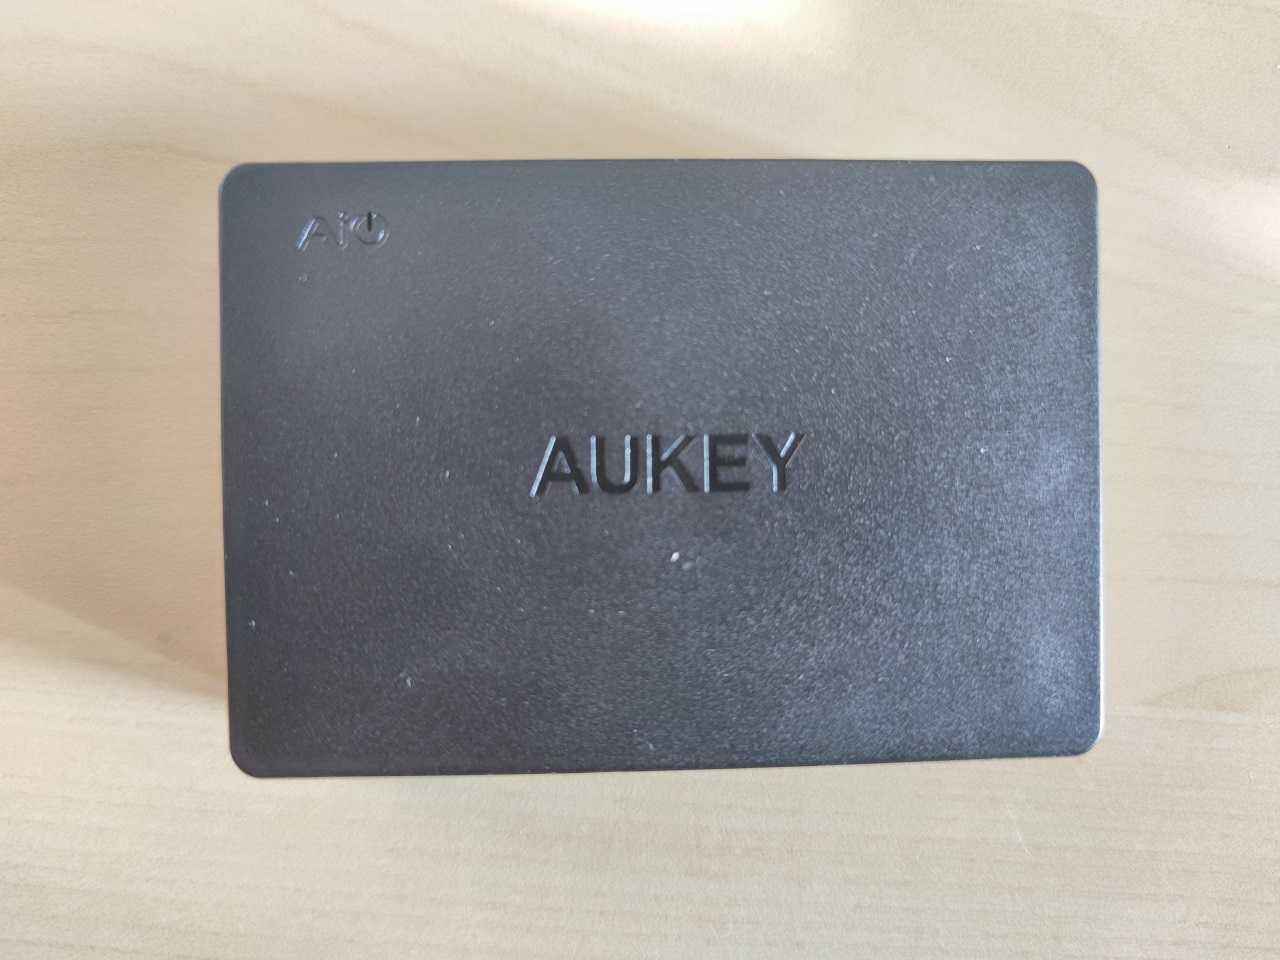 Recensione AUKEY PA-T11: la stazione di ricarica con ben 6 porte